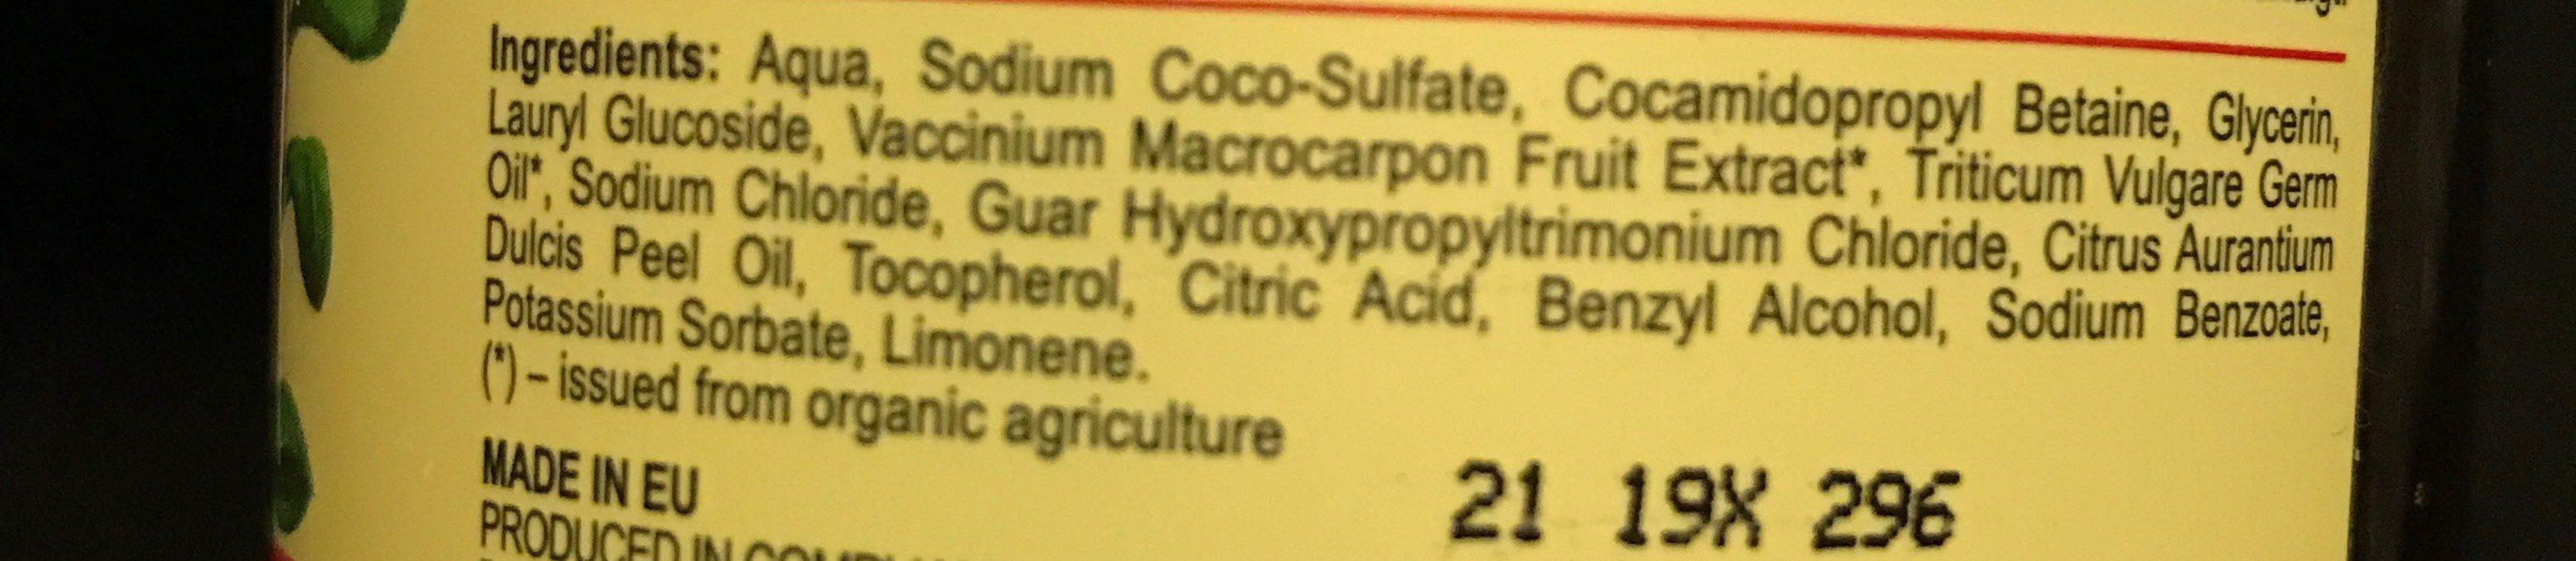 Volumen Shampoo - Ingredients - fr